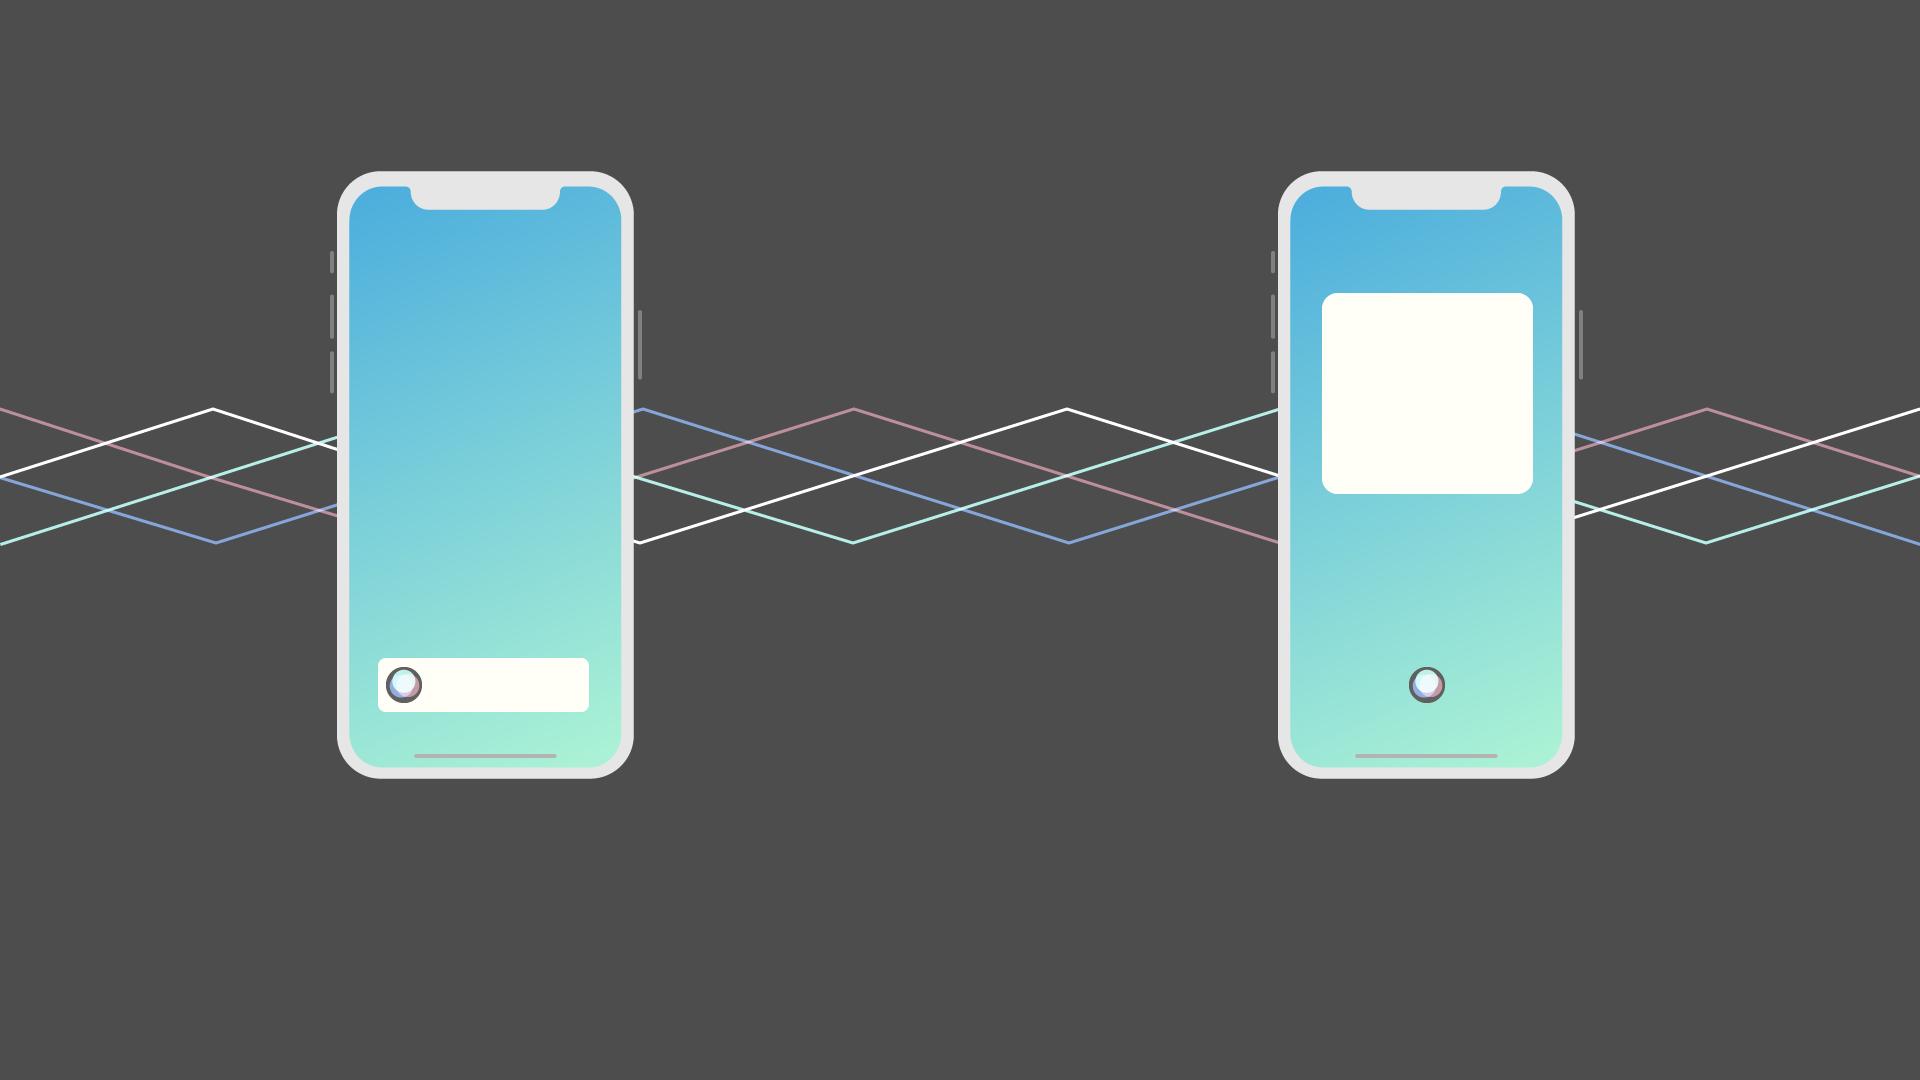 Zwei iPhones auf denen der Siri-Button stilisiert gezeigt wird